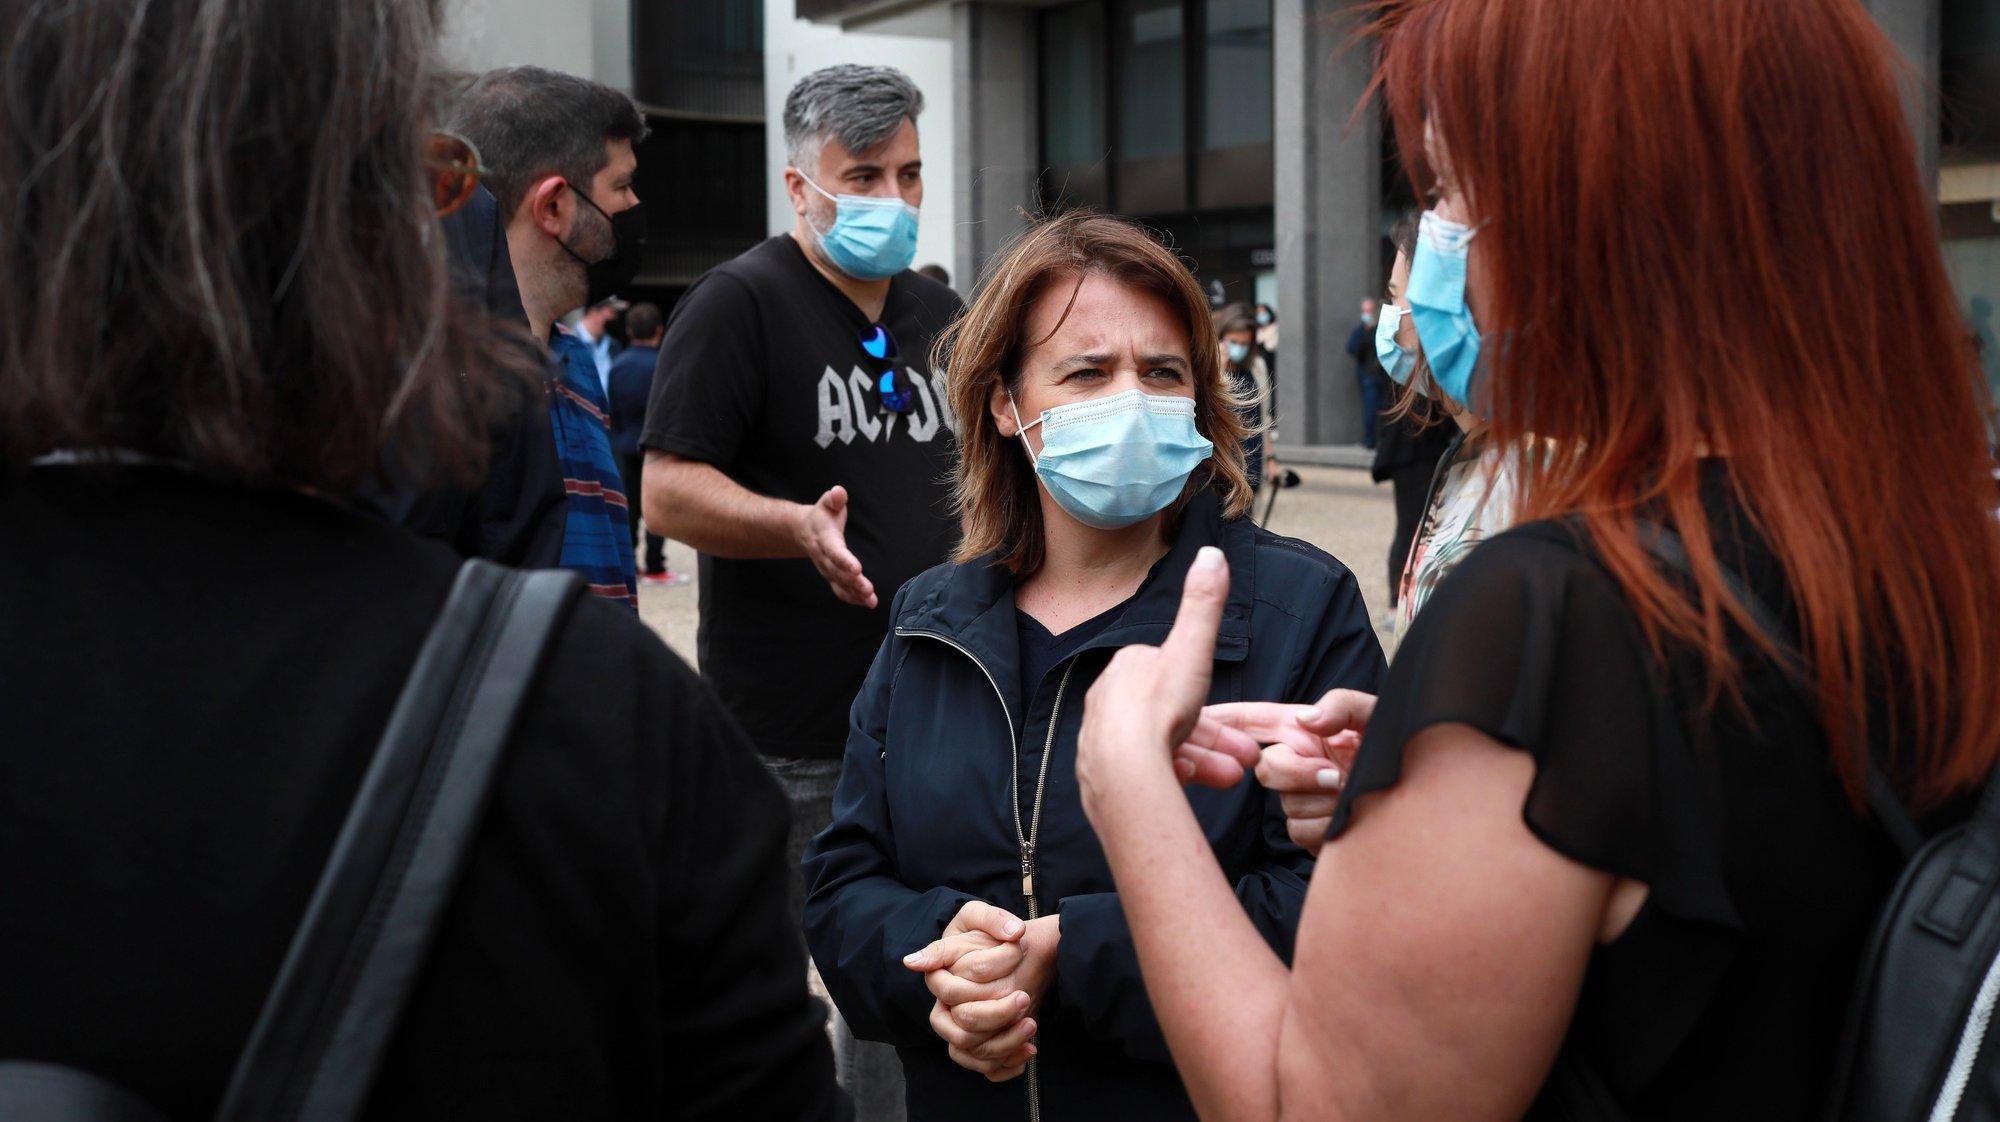 A coordenadora do Bloco de Esquerda (BE), Catarina Martins (C), durante um encontro com um grupo de trabalhadores despedidos da Altice, Porto, 05 julho 2021. ESTELA SILVA/LUSA